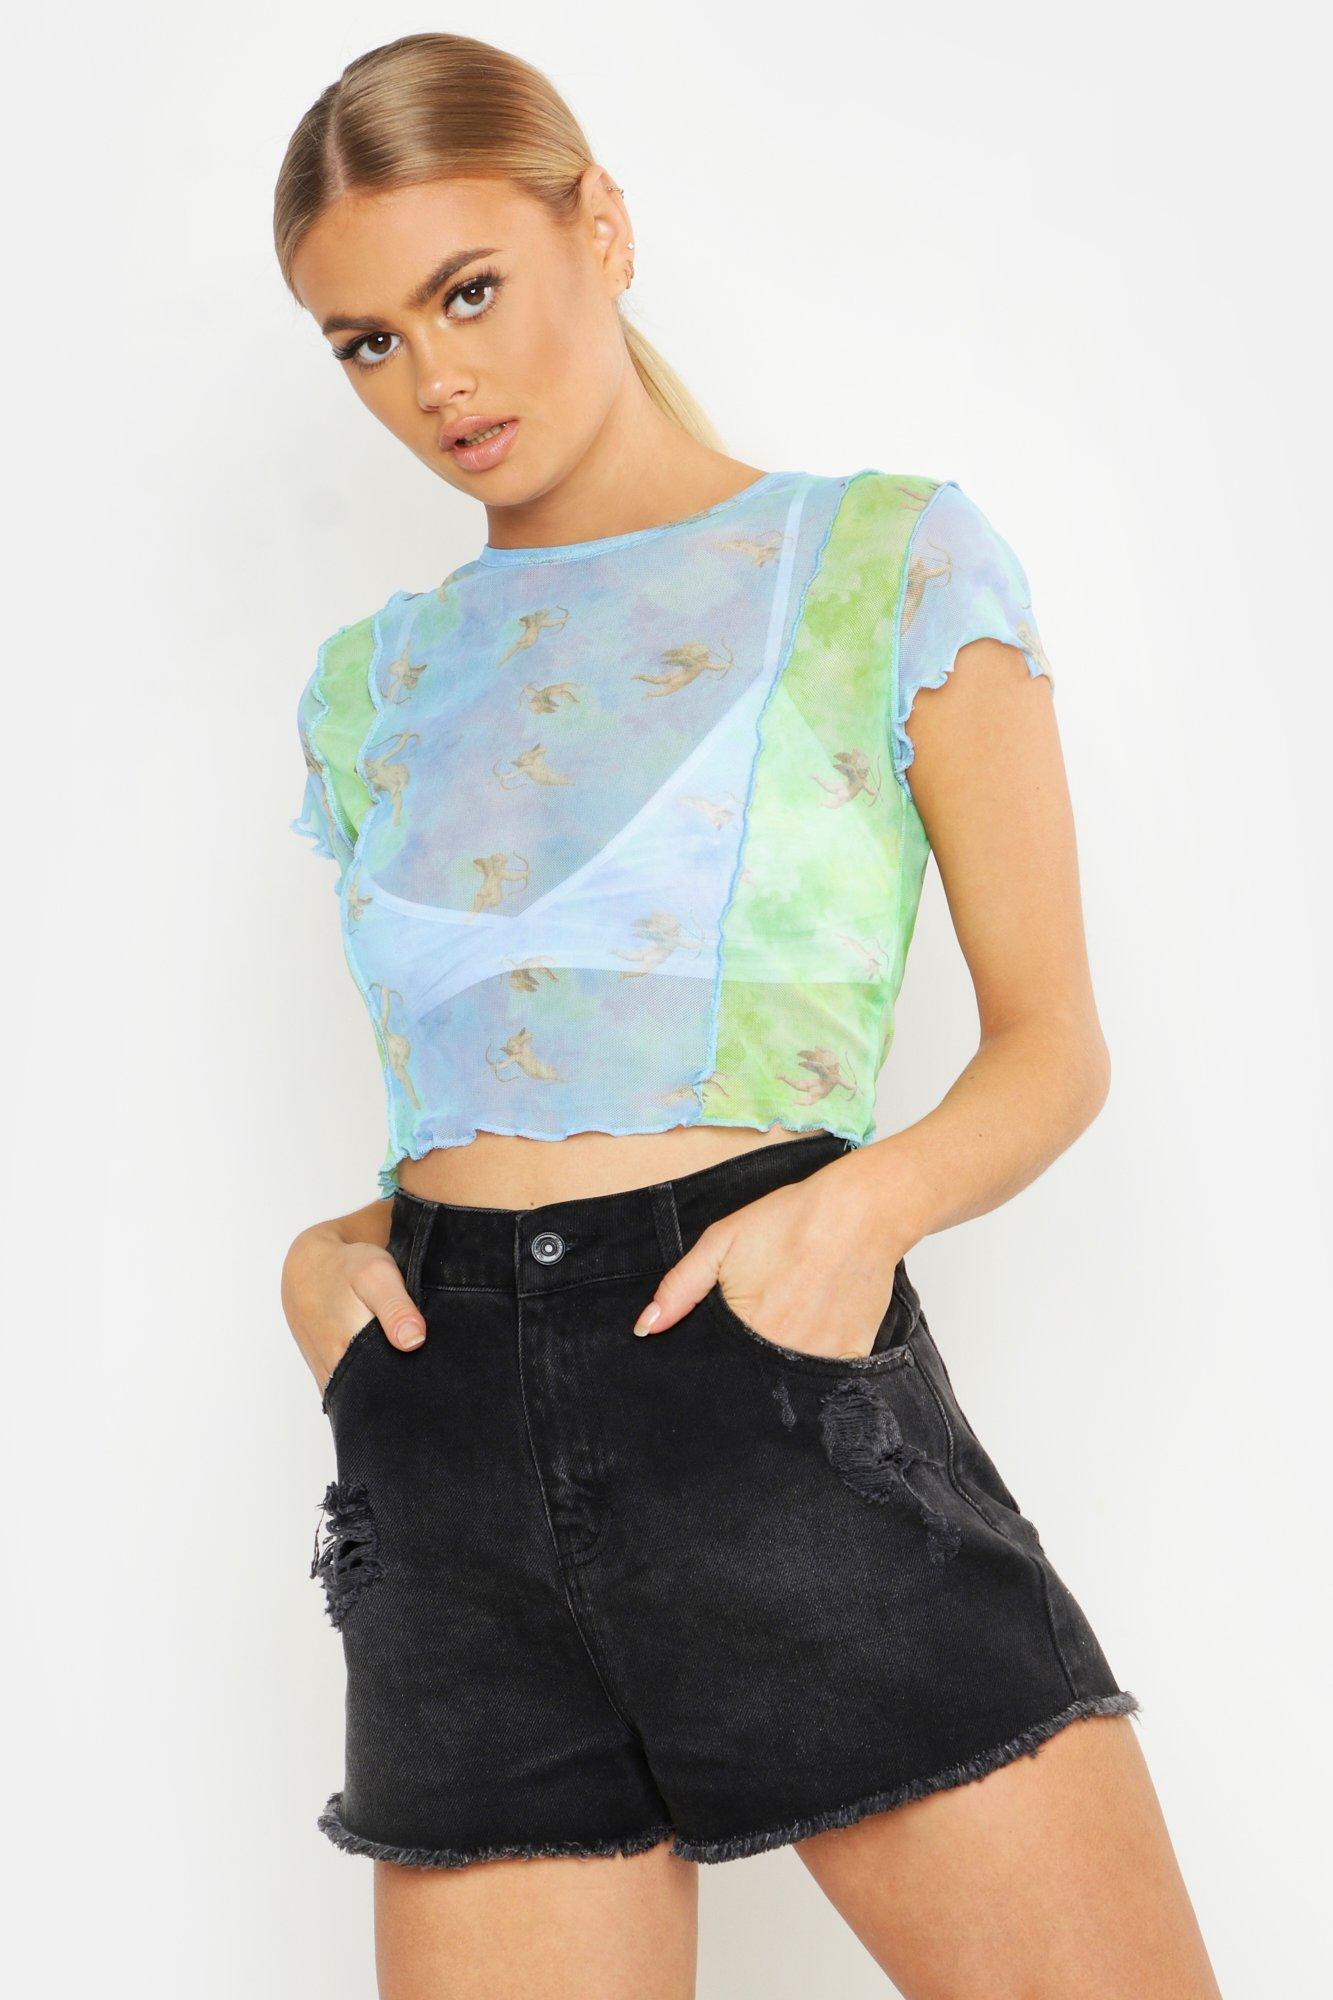 Womens Crop Top aus Netzstoff mit Engel-Motiv - Blau - 34, Blau - Boohoo.com